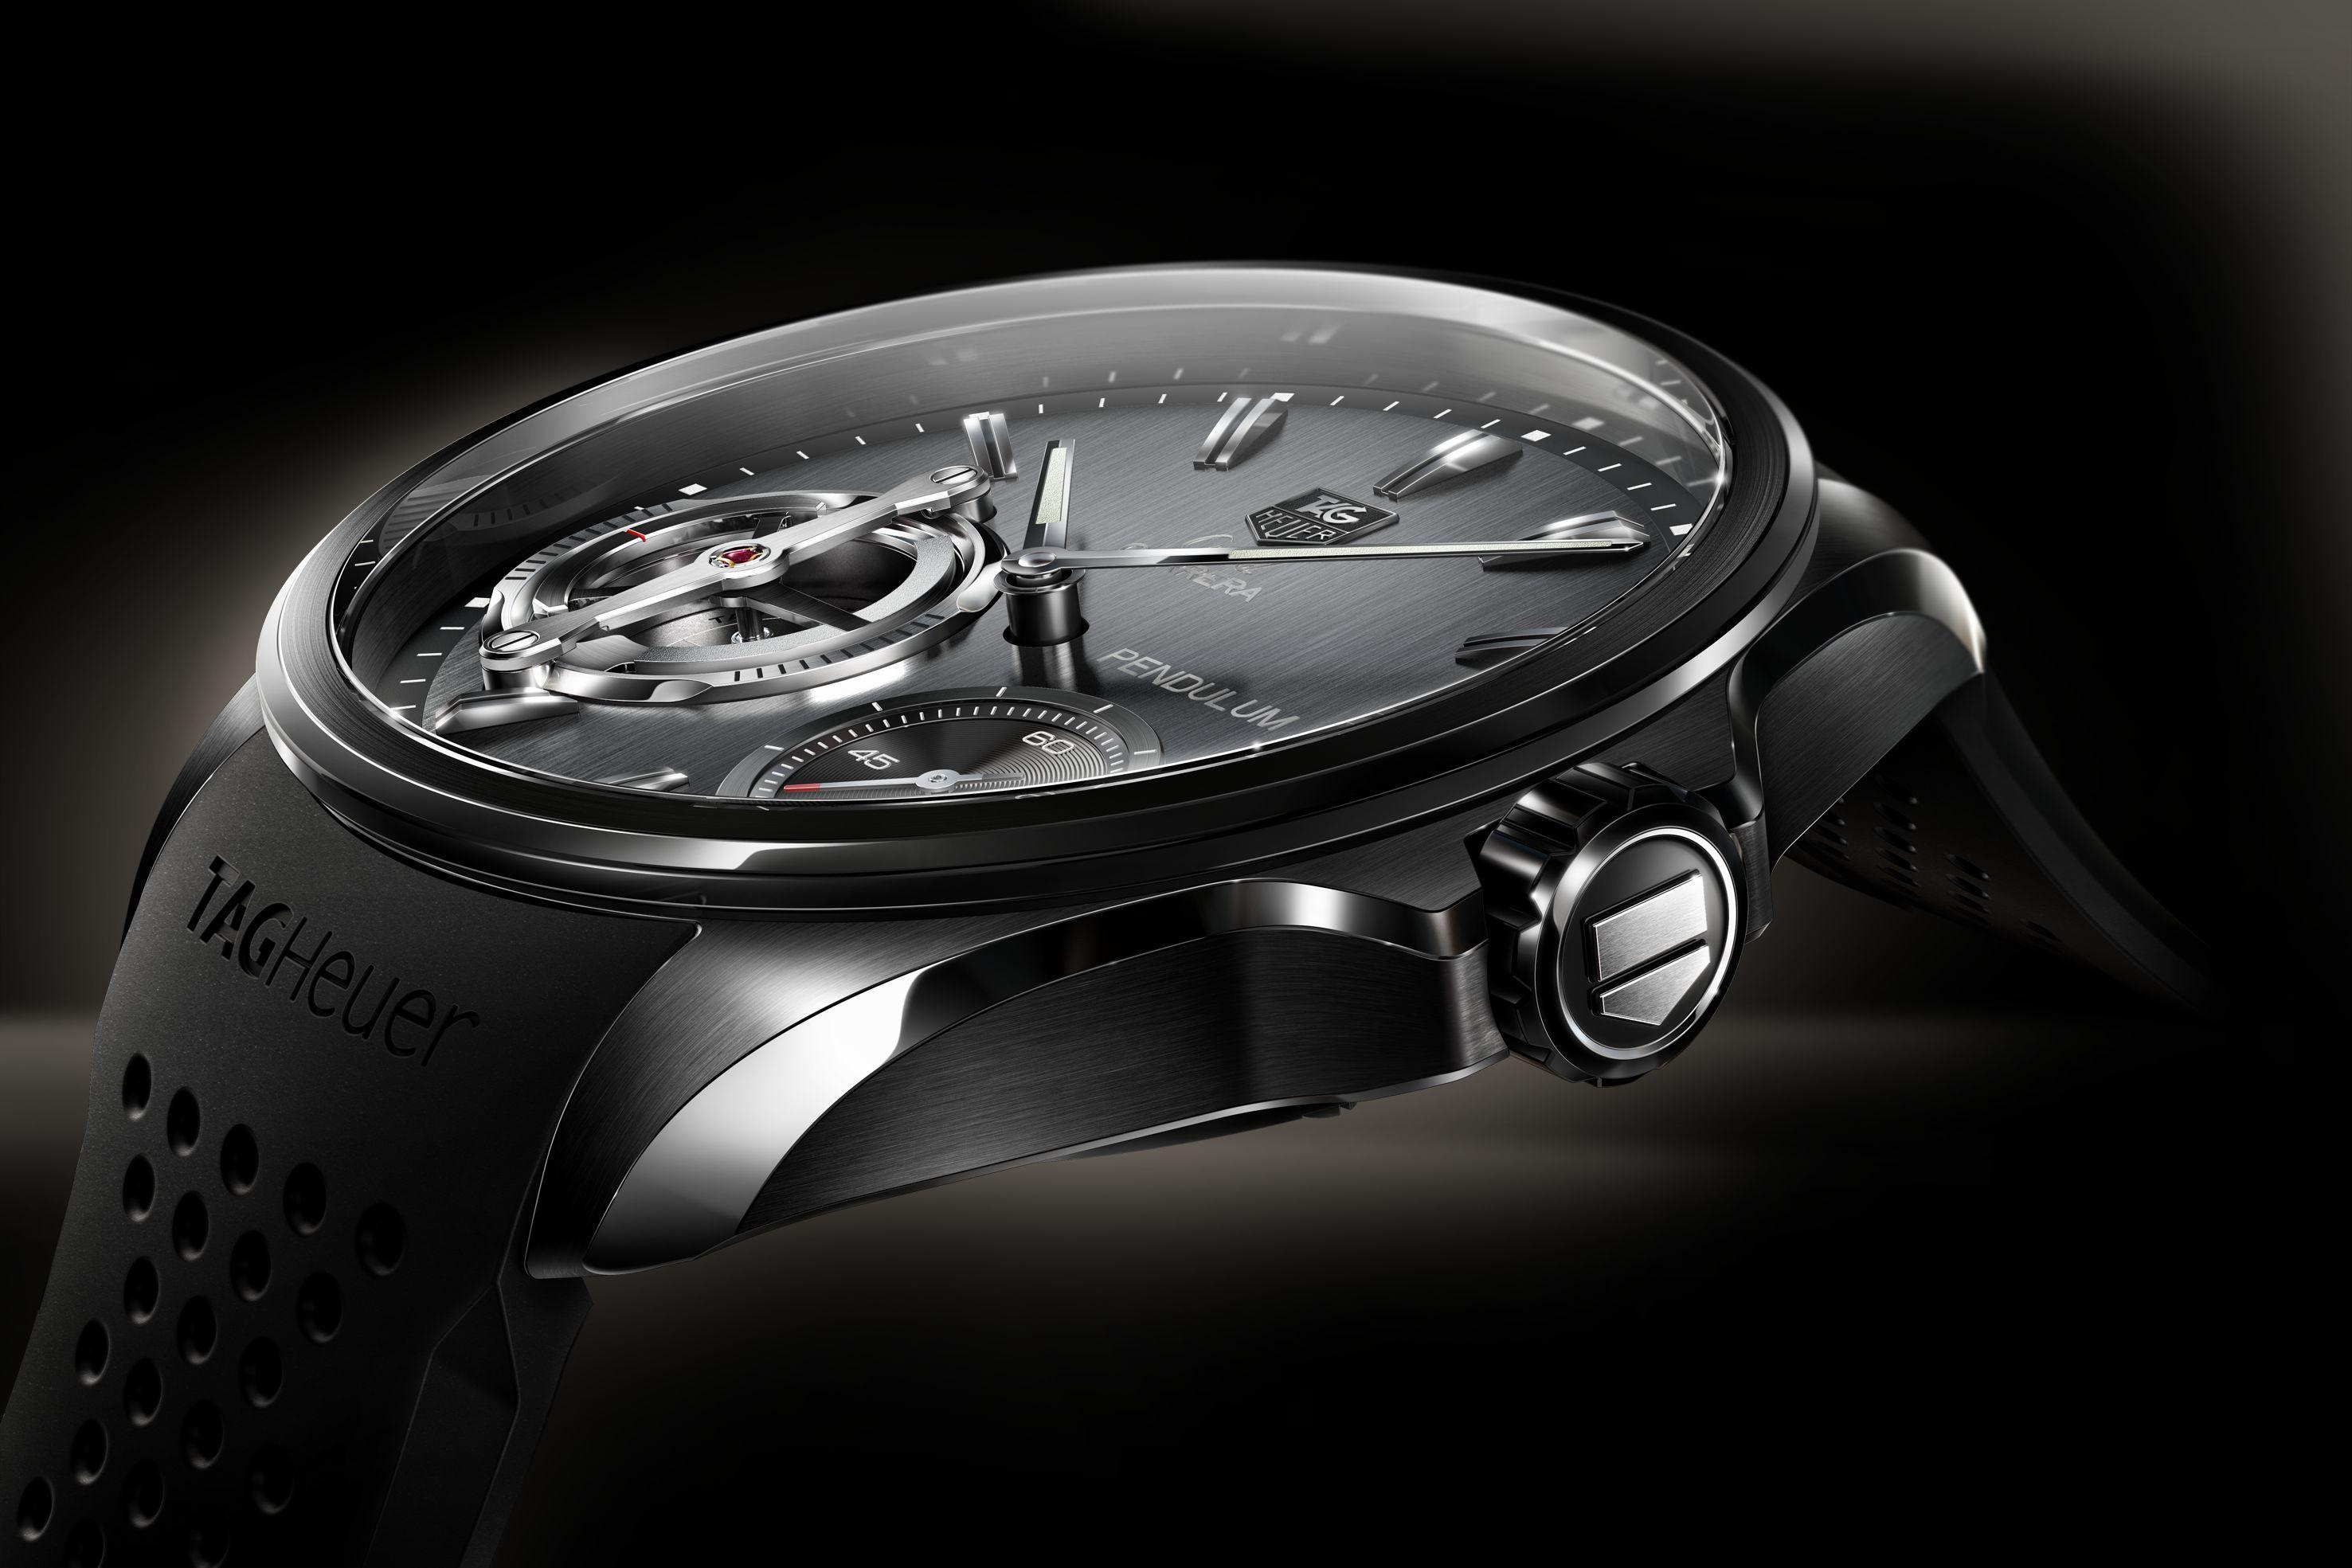 Tag Heuer Grand Carrera Pendulum Replica Watch